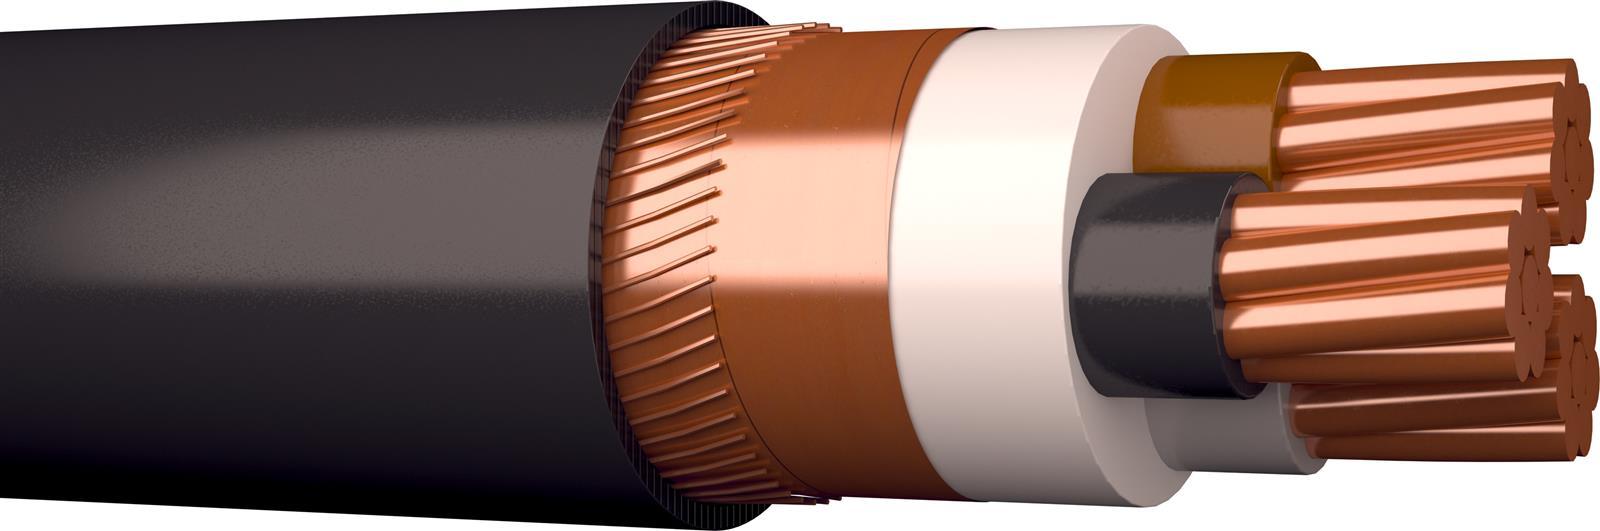 FXQJ-EMC PURE 3X25 FR/16